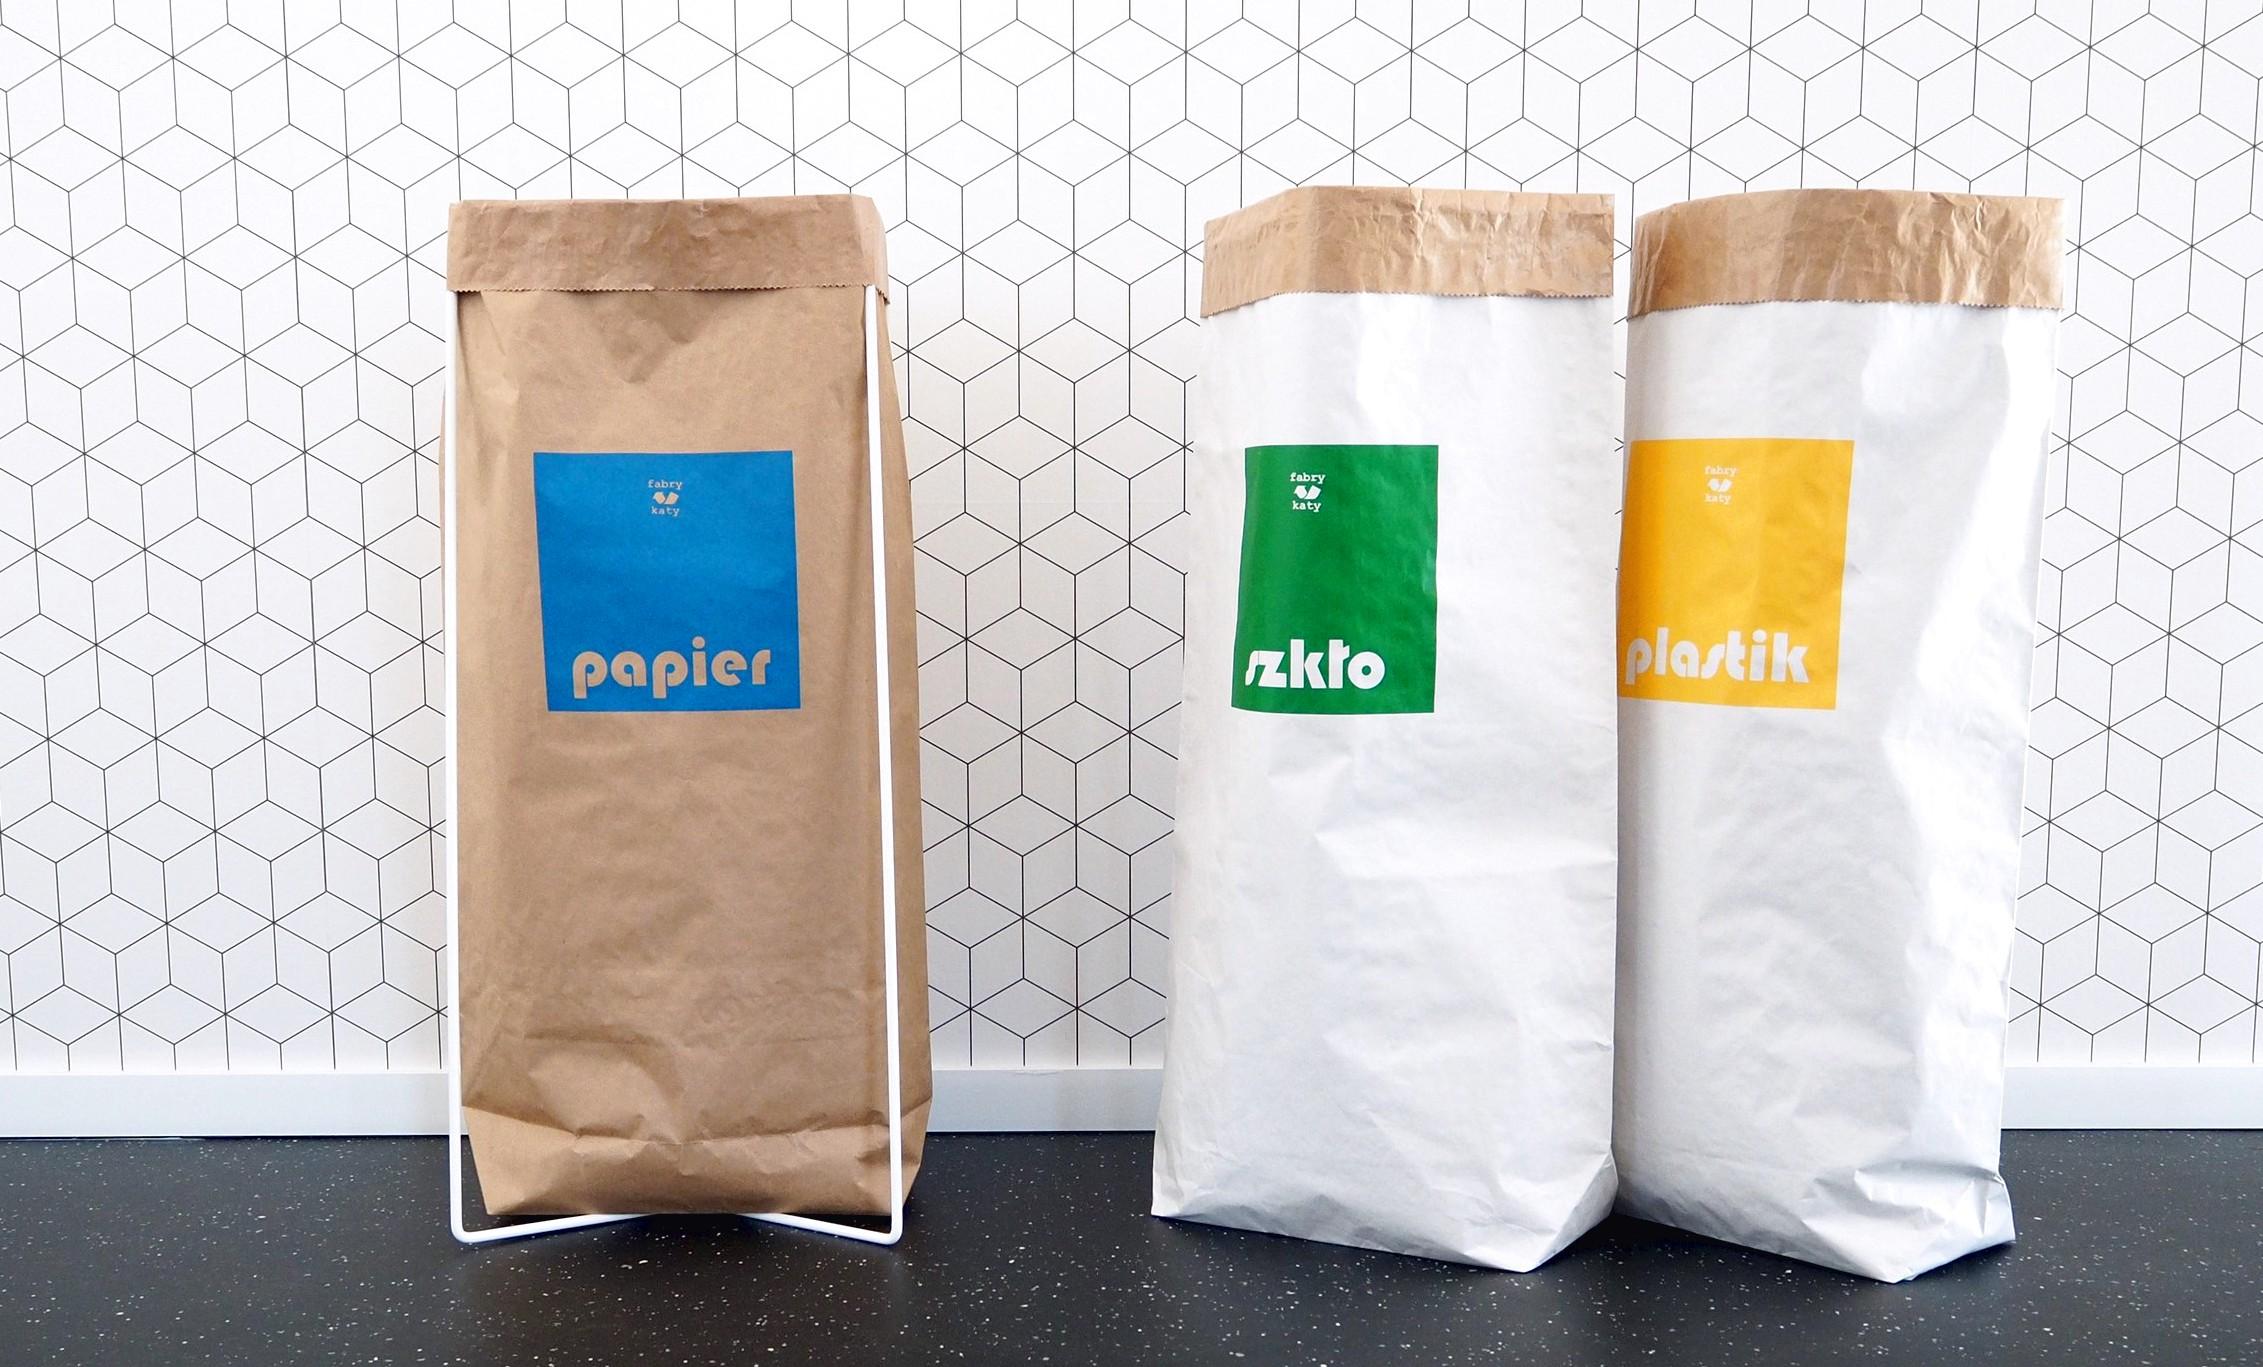 papierowe worki do segregacji śmieci